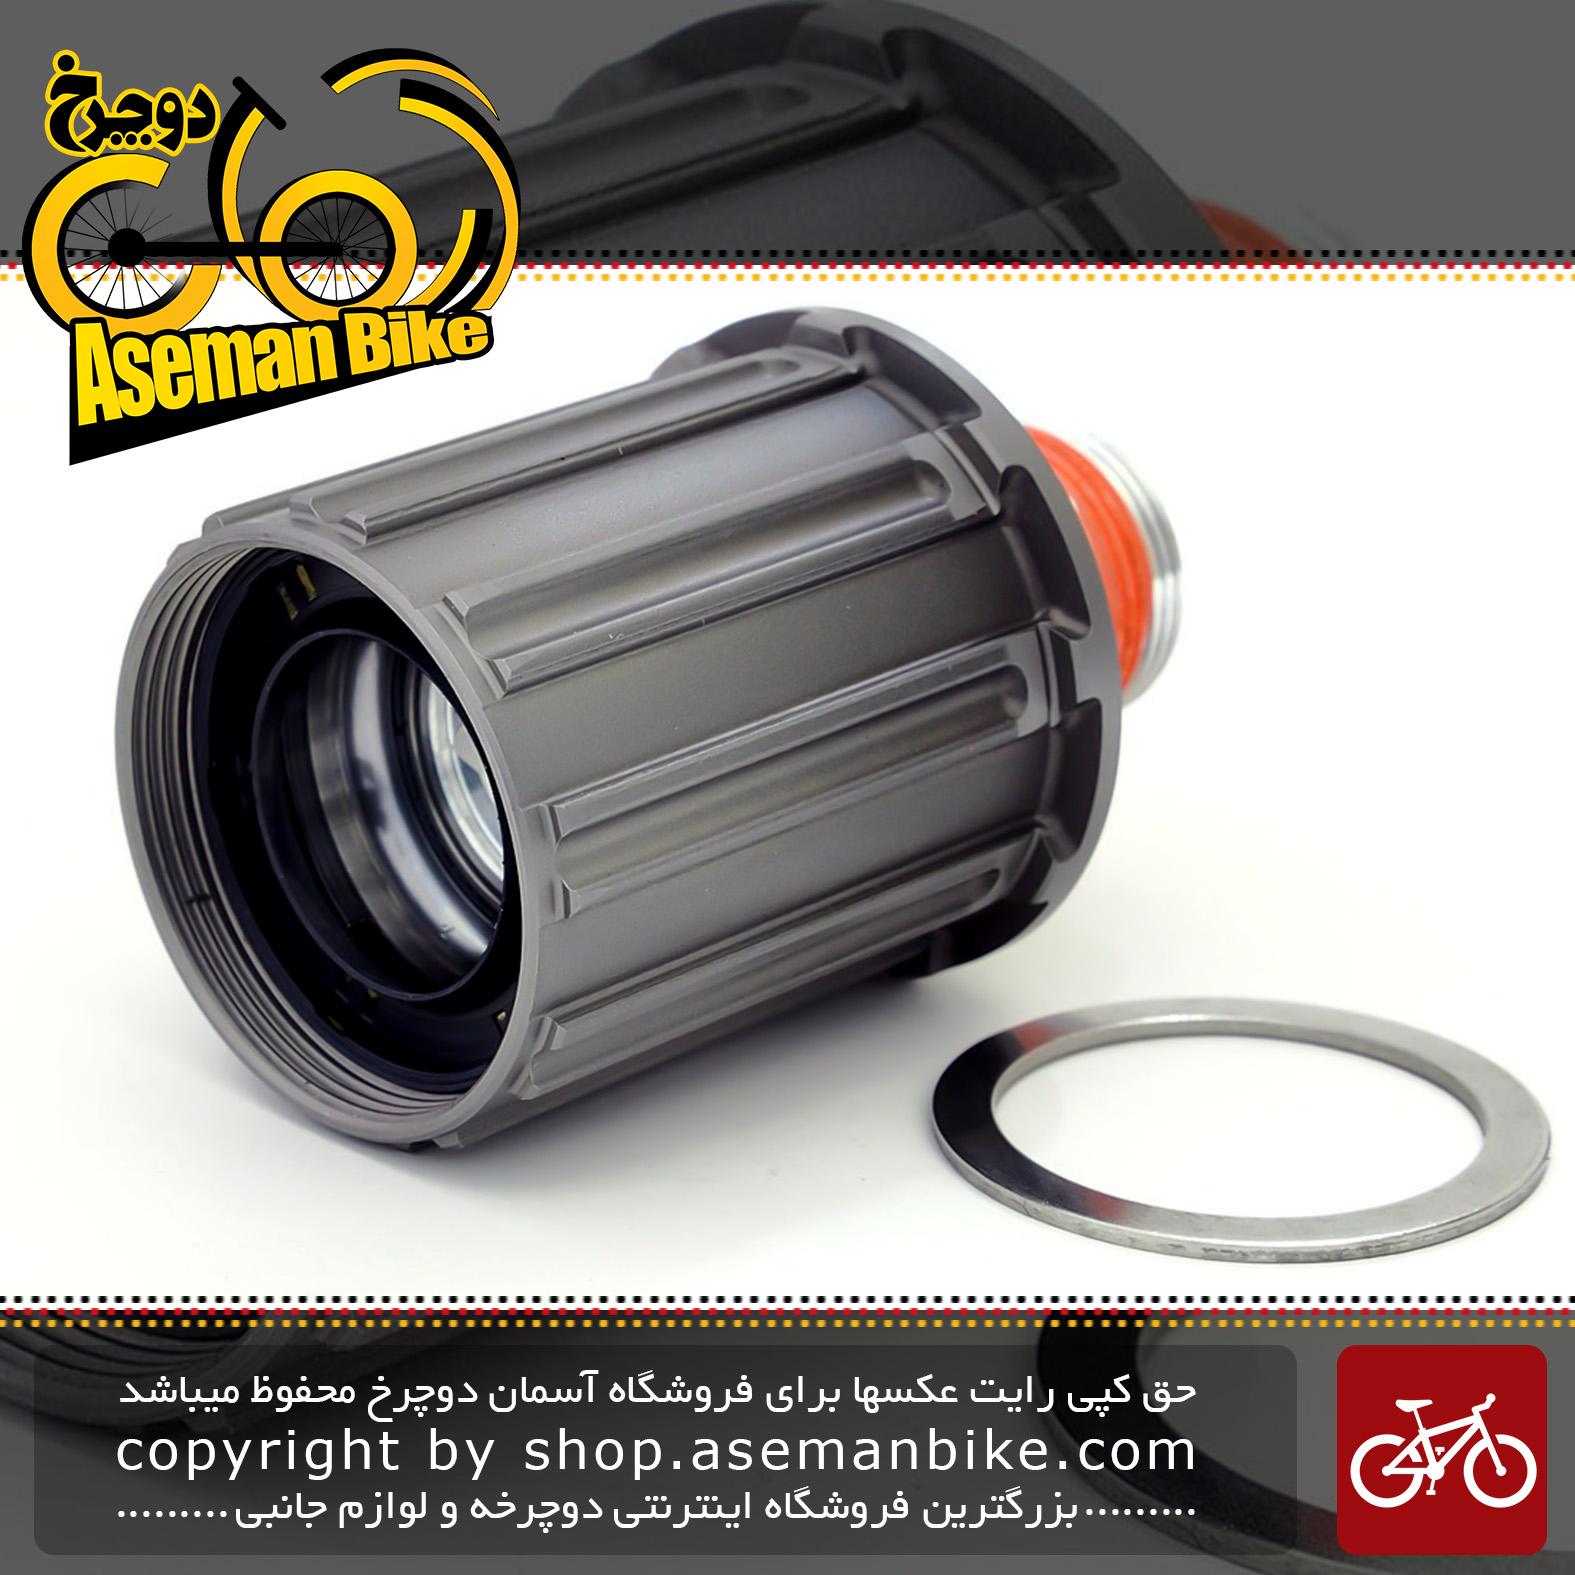 مغری خودرو دوچرخه شیمانو دورا ایس 11 سرعته Shimano WH-9000 Complete Freewheel Body 11Speed